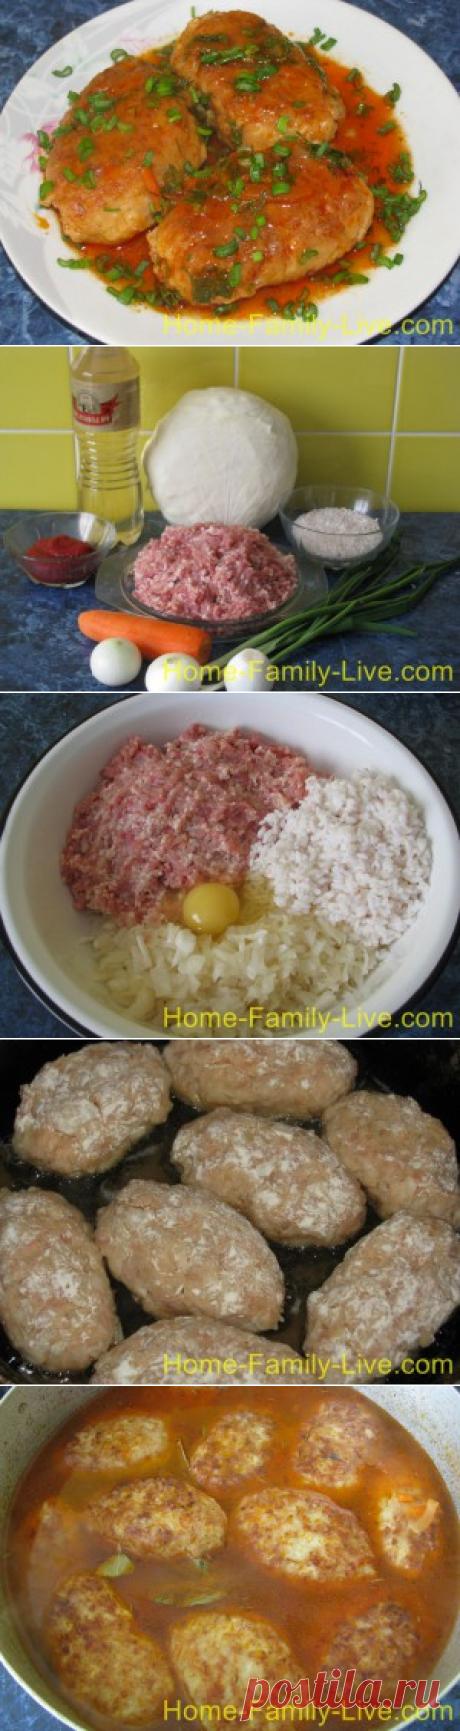 Как приготовить ленивые голубцы/Сайт с пошаговыми рецептами с фото для тех кто любит готовить